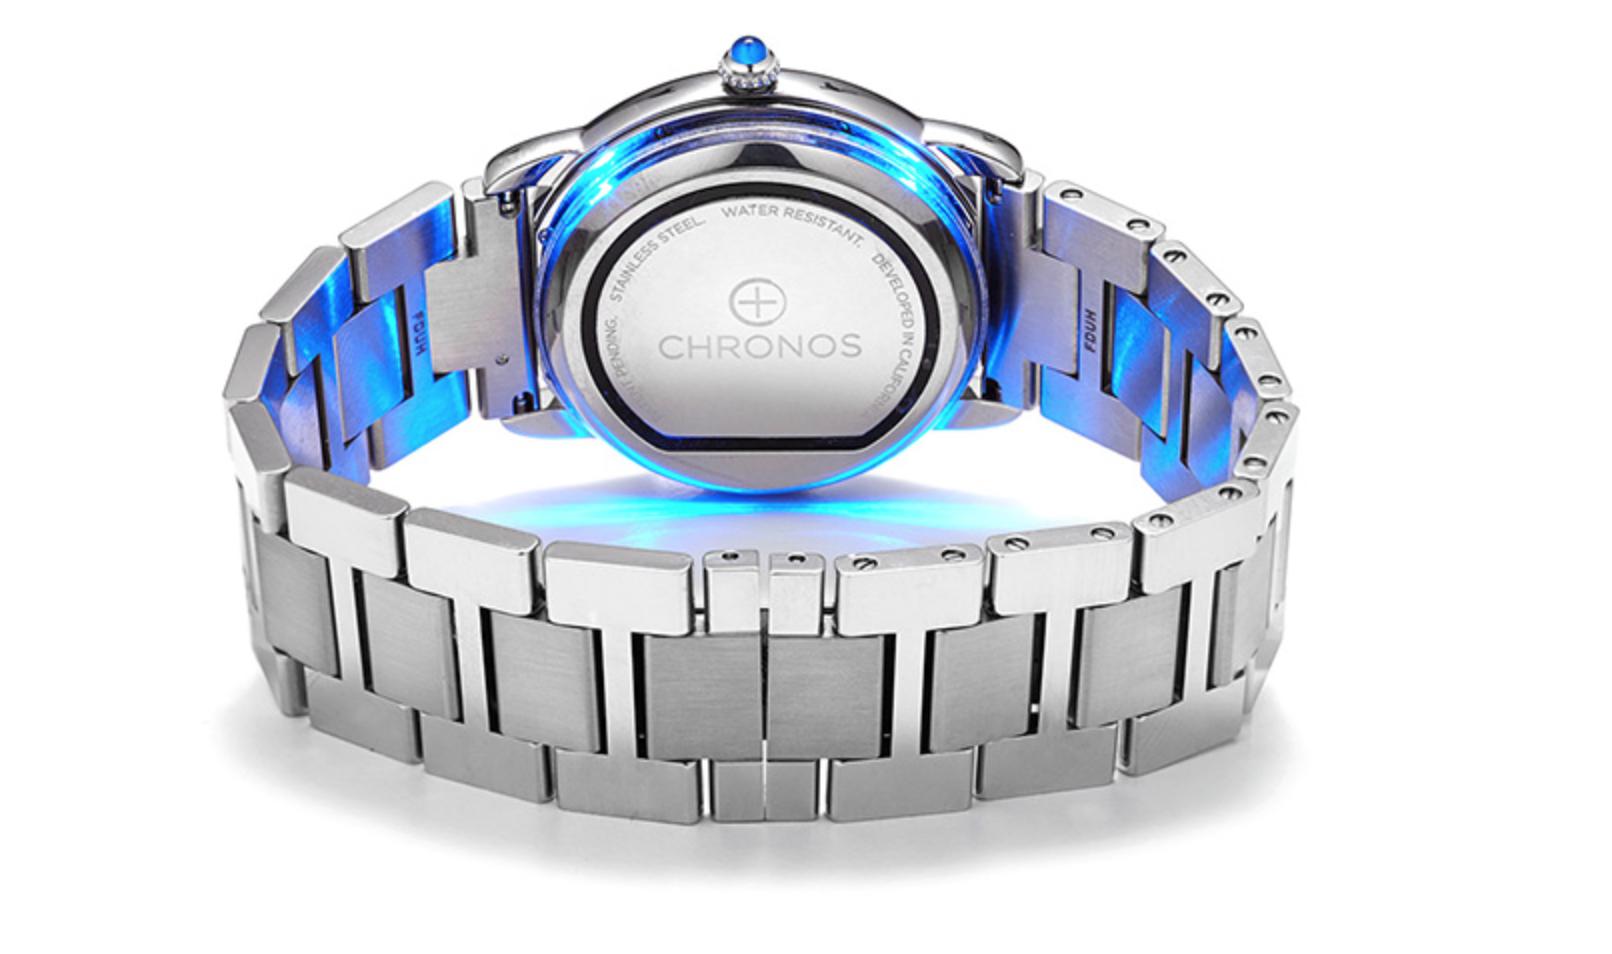 Chronos ser ut som en veldig god ide for de som elsker tradisjonelle klokker, men som ønsker å få den på nett.